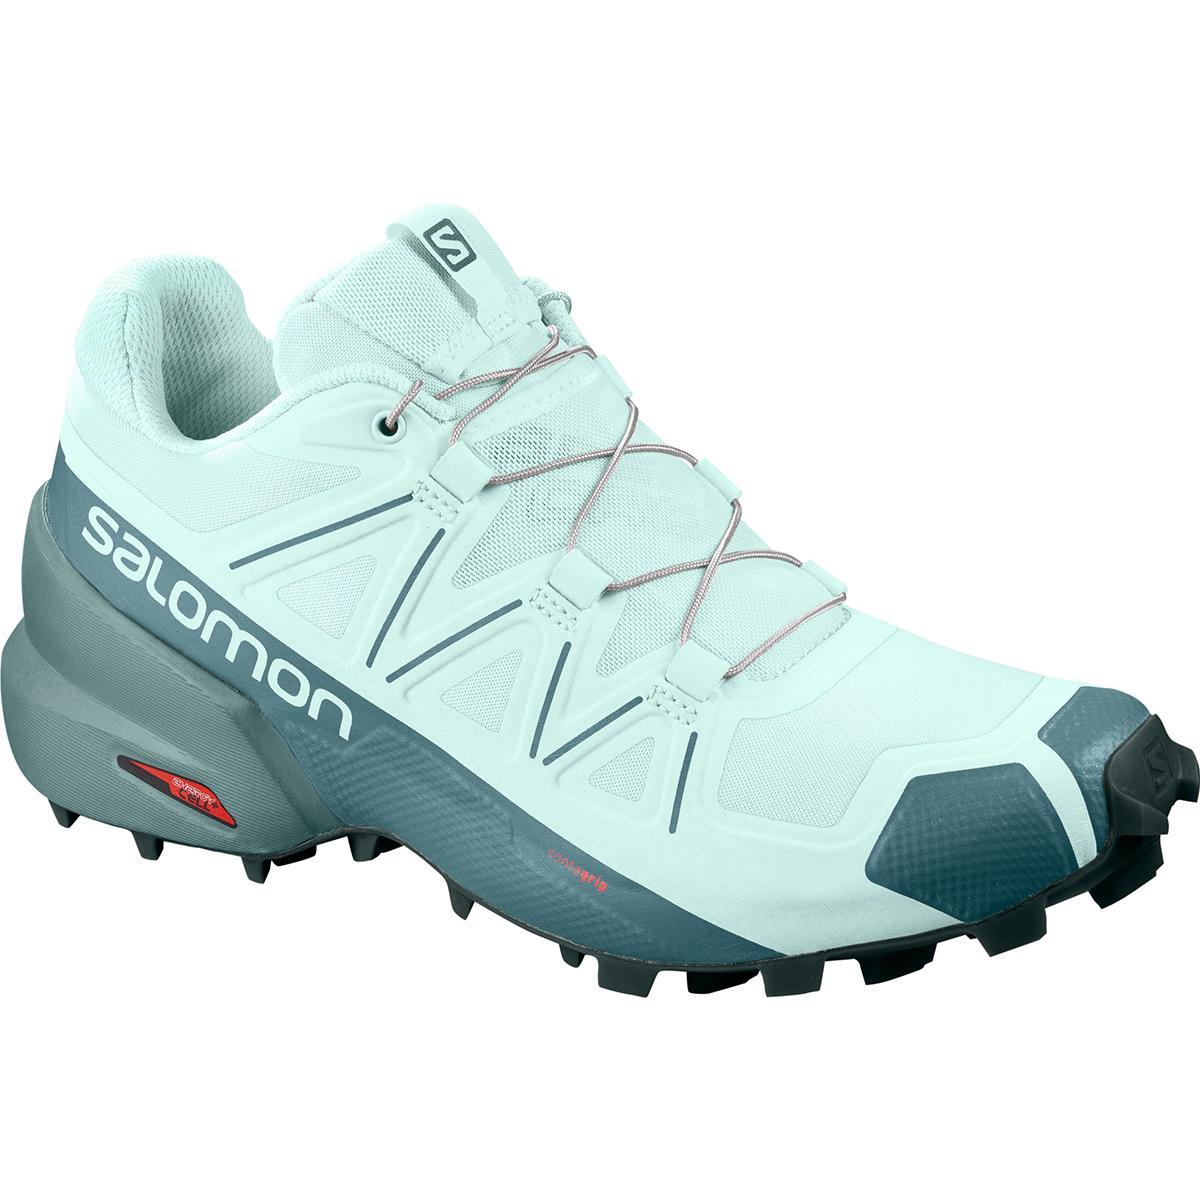 Salomon Speedcross 5 Trail Run Shoe - Women's